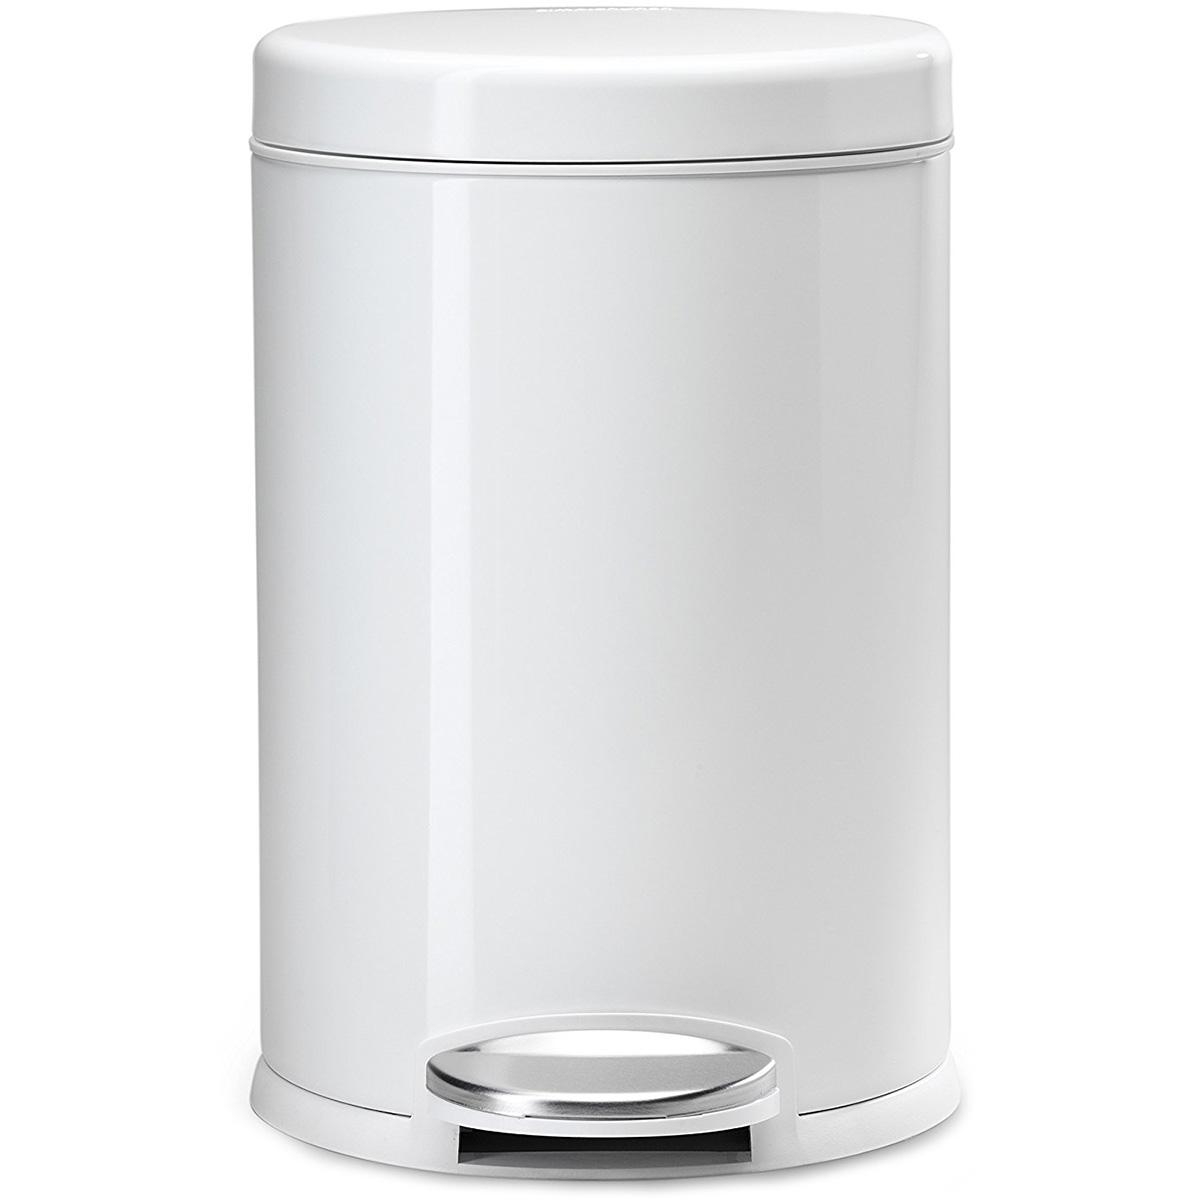 Biały Kosz Na śmieci 45 Litra Pedałowy Simplehuman Biały